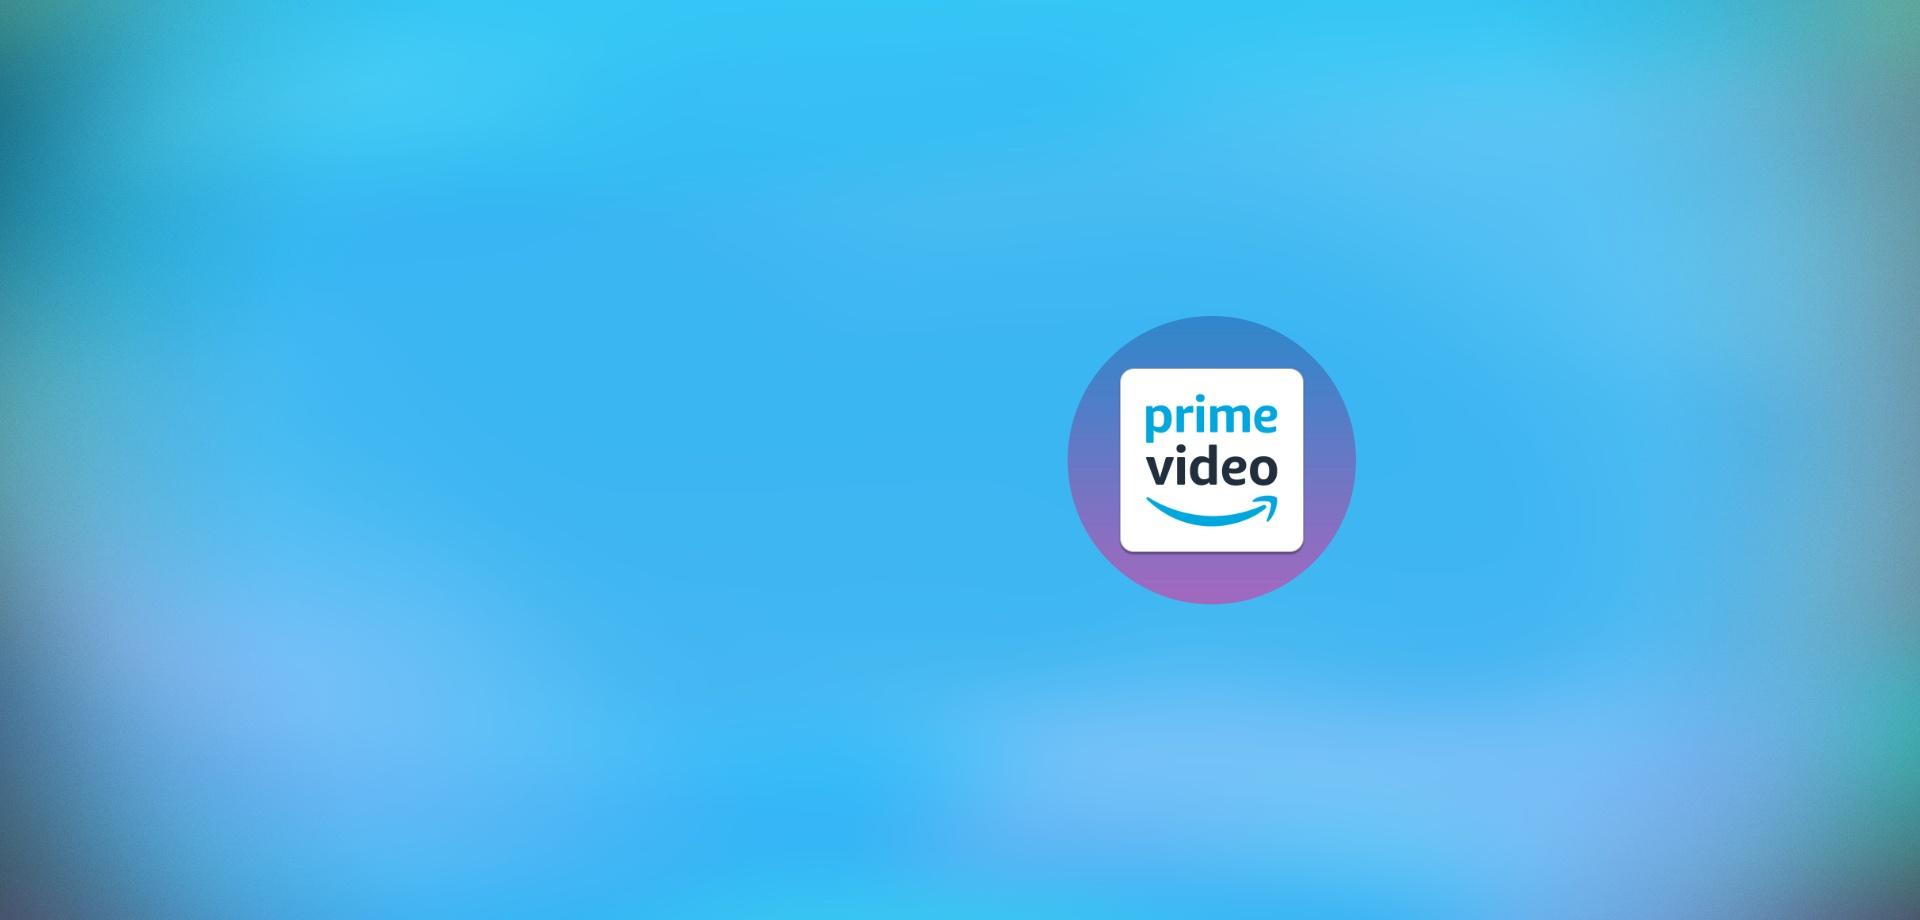 Льготная подписка на Amazon Prime Video